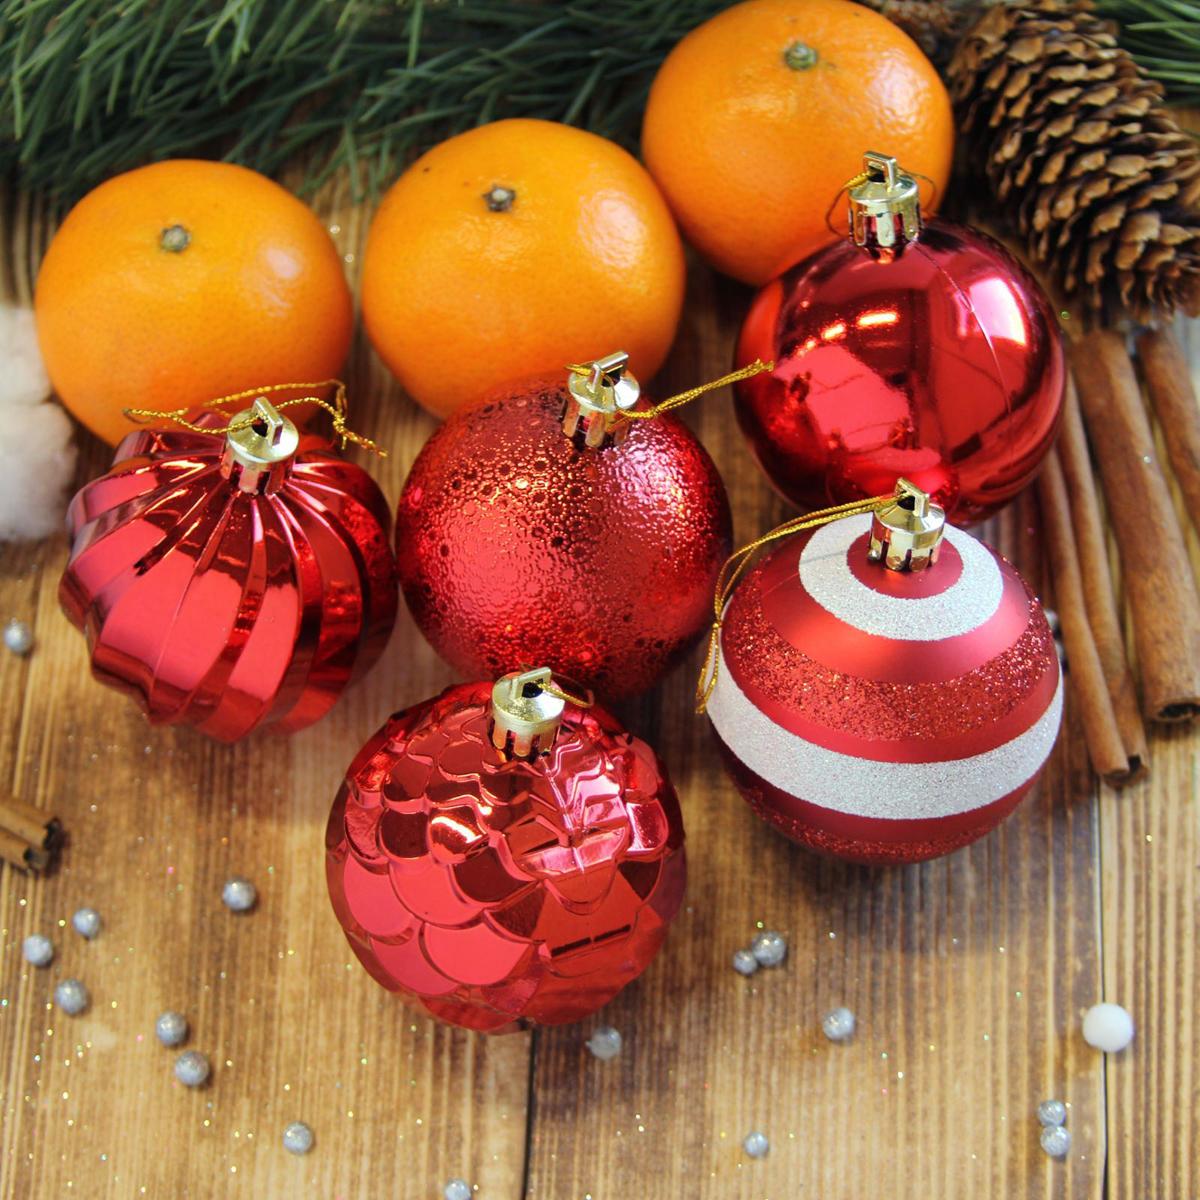 Набор новогодних подвесных украшений Sima-land Элит, диаметр 6 см, 20 шт2123022Невозможно представить нашу жизнь без праздников! Мы всегда ждём их и предвкушаем, обдумываем, как проведём памятный день, тщательно выбираем подарки и аксессуары, ведь именно они создают и поддерживают торжественный настрой.